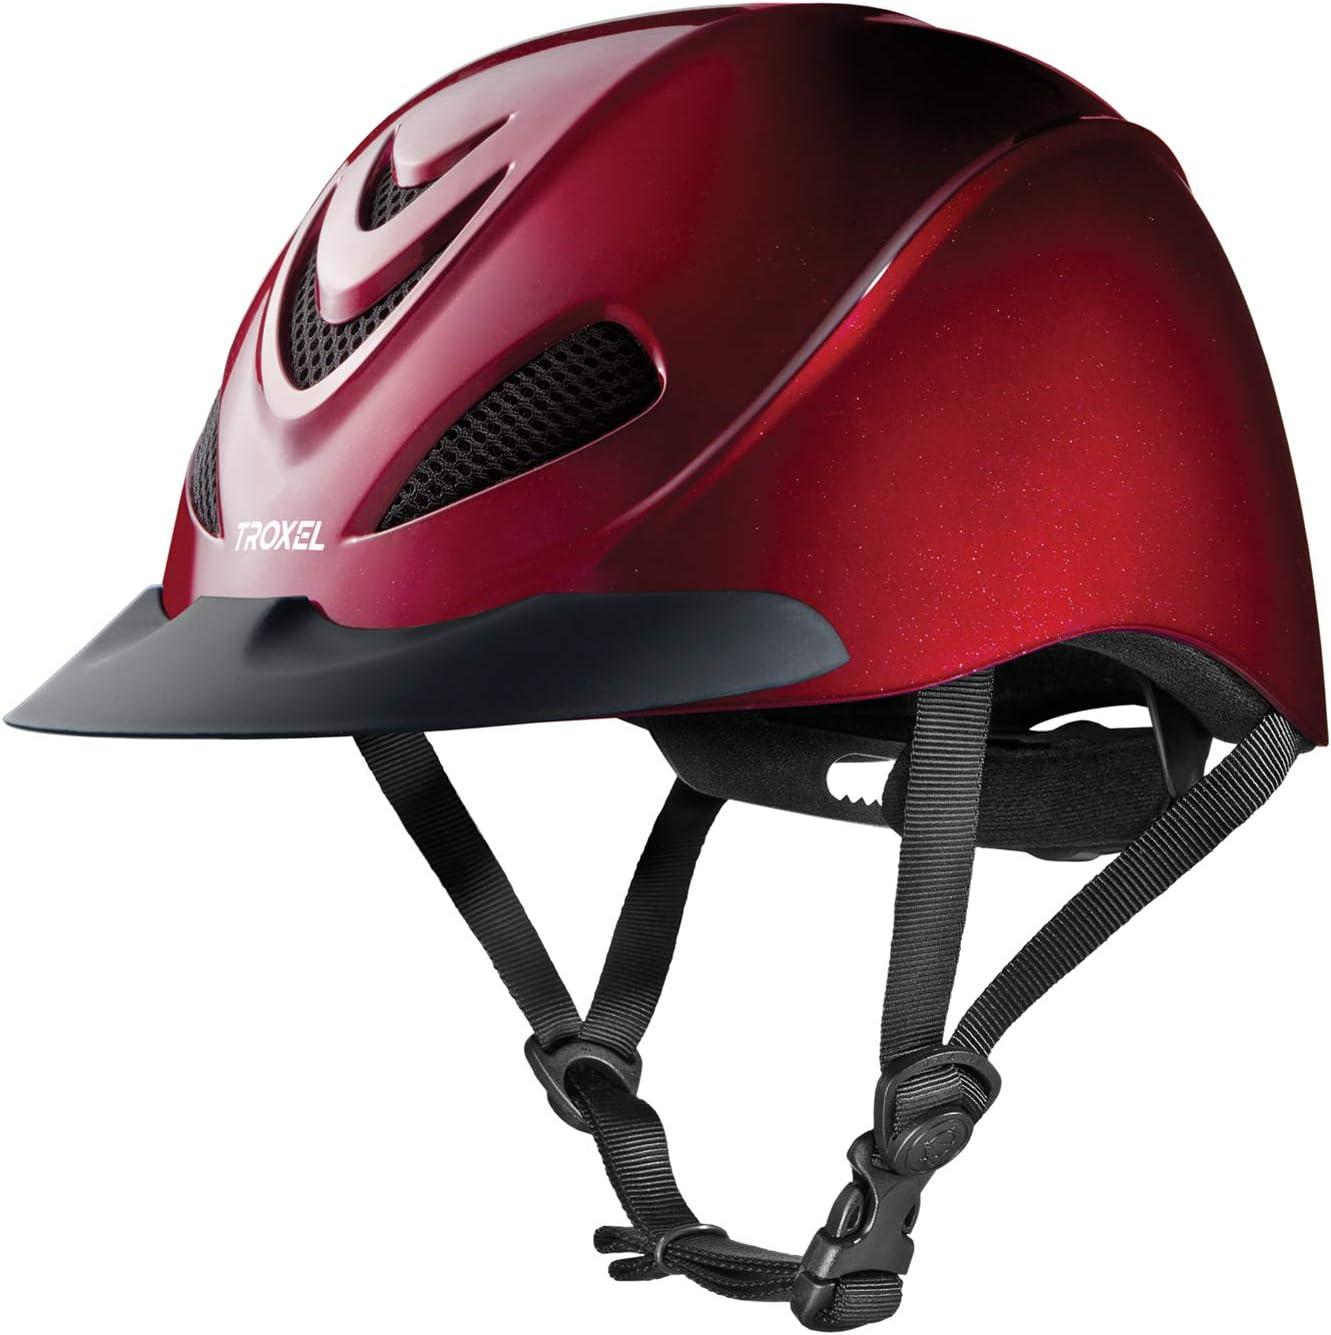 Troxel TX Horseback Riding Helmet